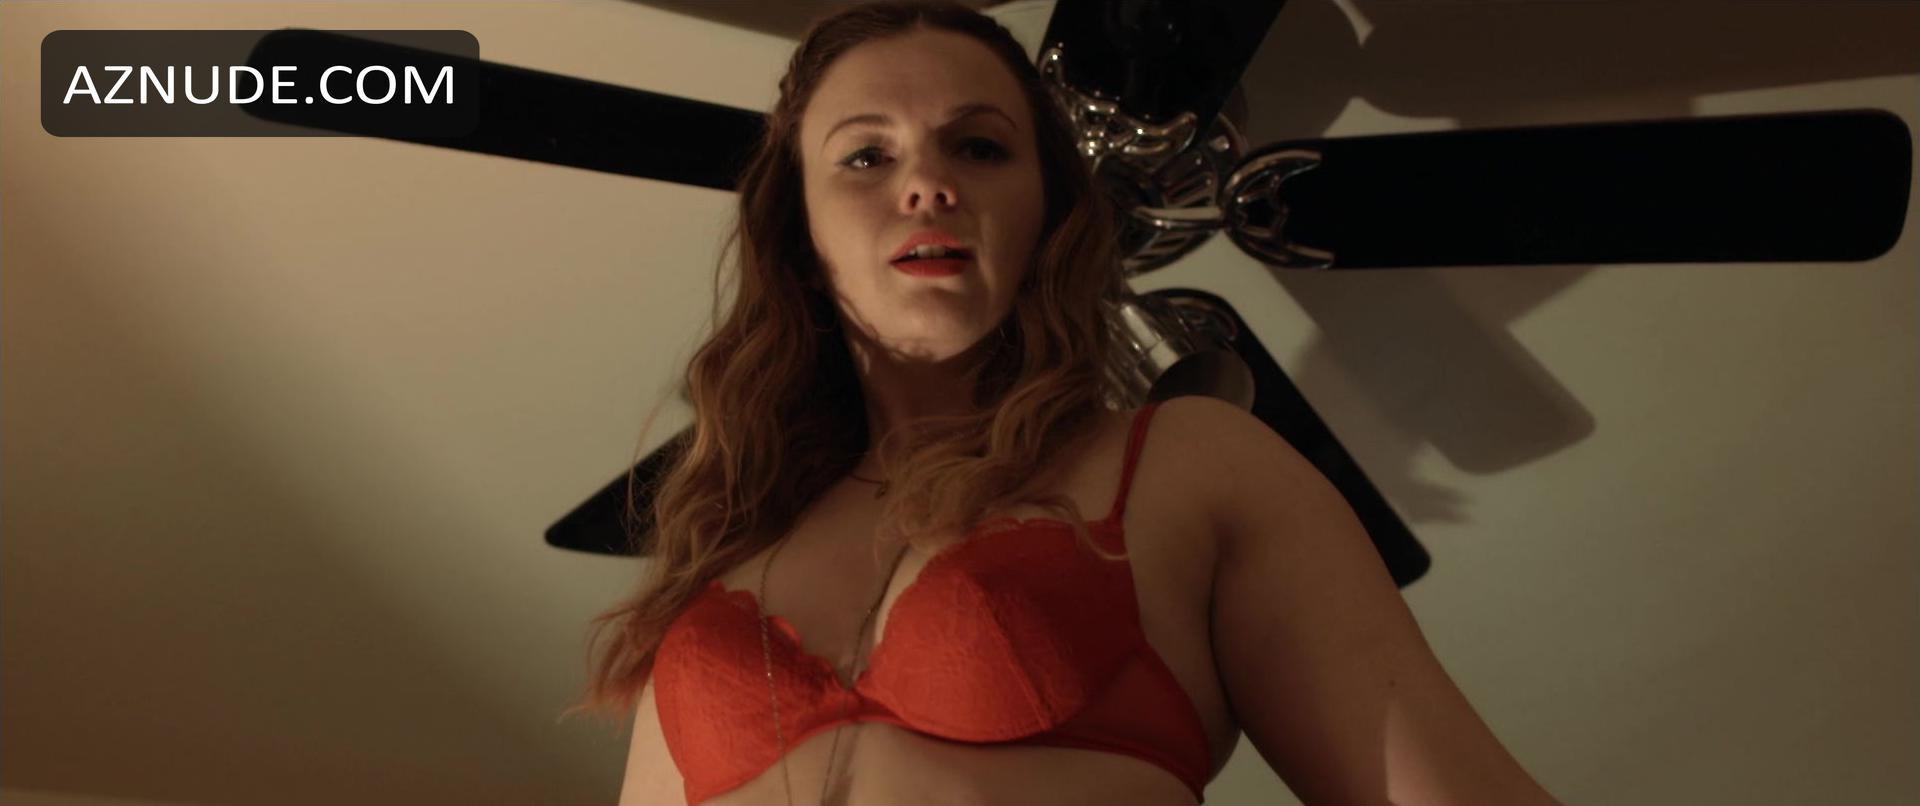 Amber tamblyn boobs